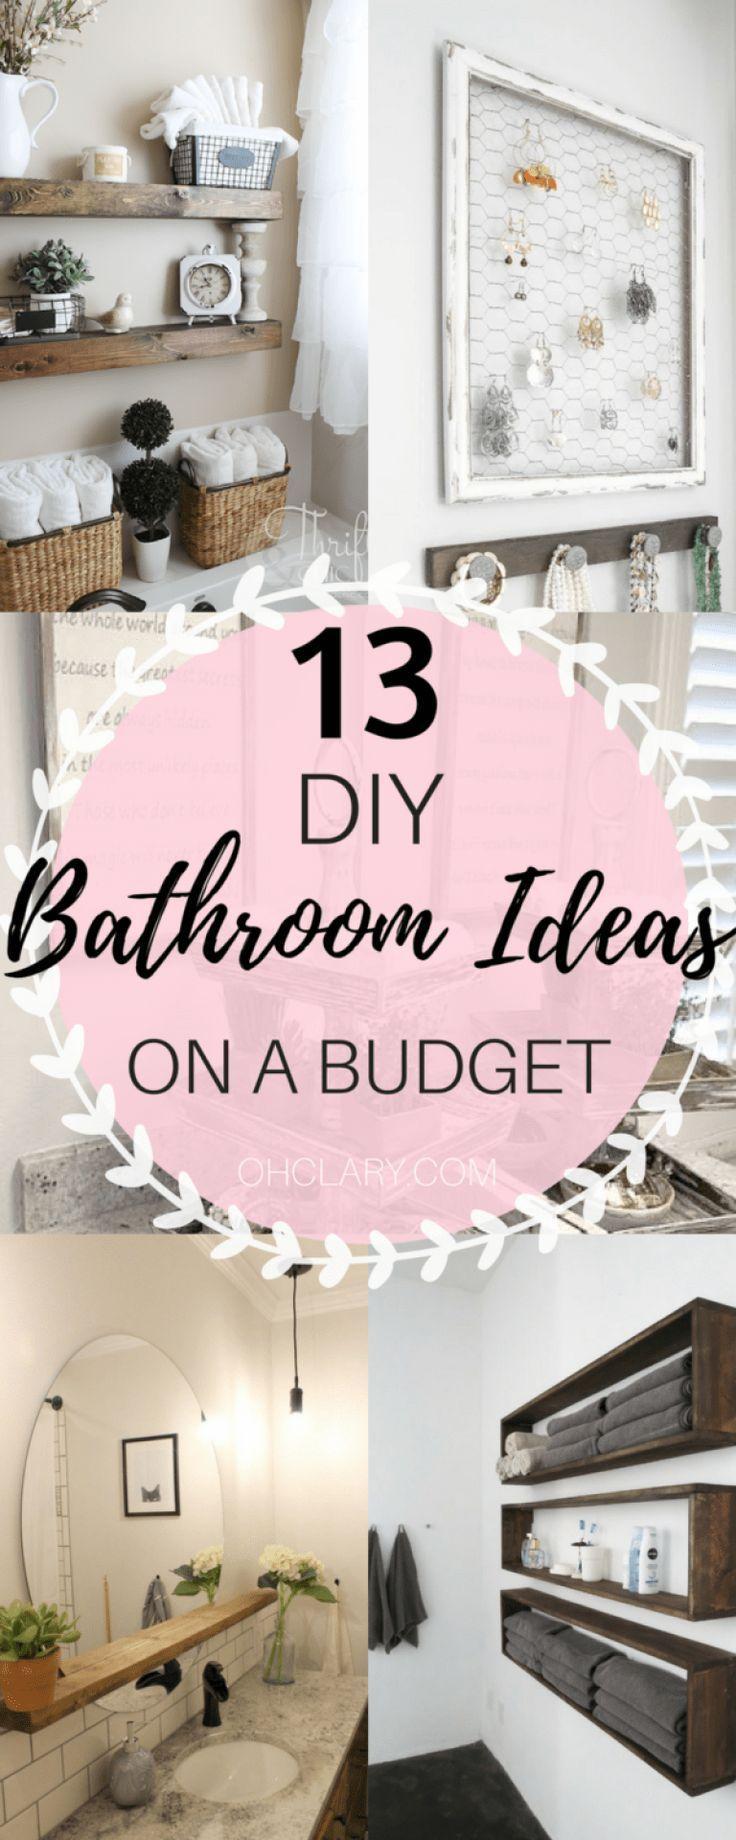 12 Ideen für ein DIY-Badezimmerdekor mit kleinem Budget, das Sie sich nicht leisten dürfen